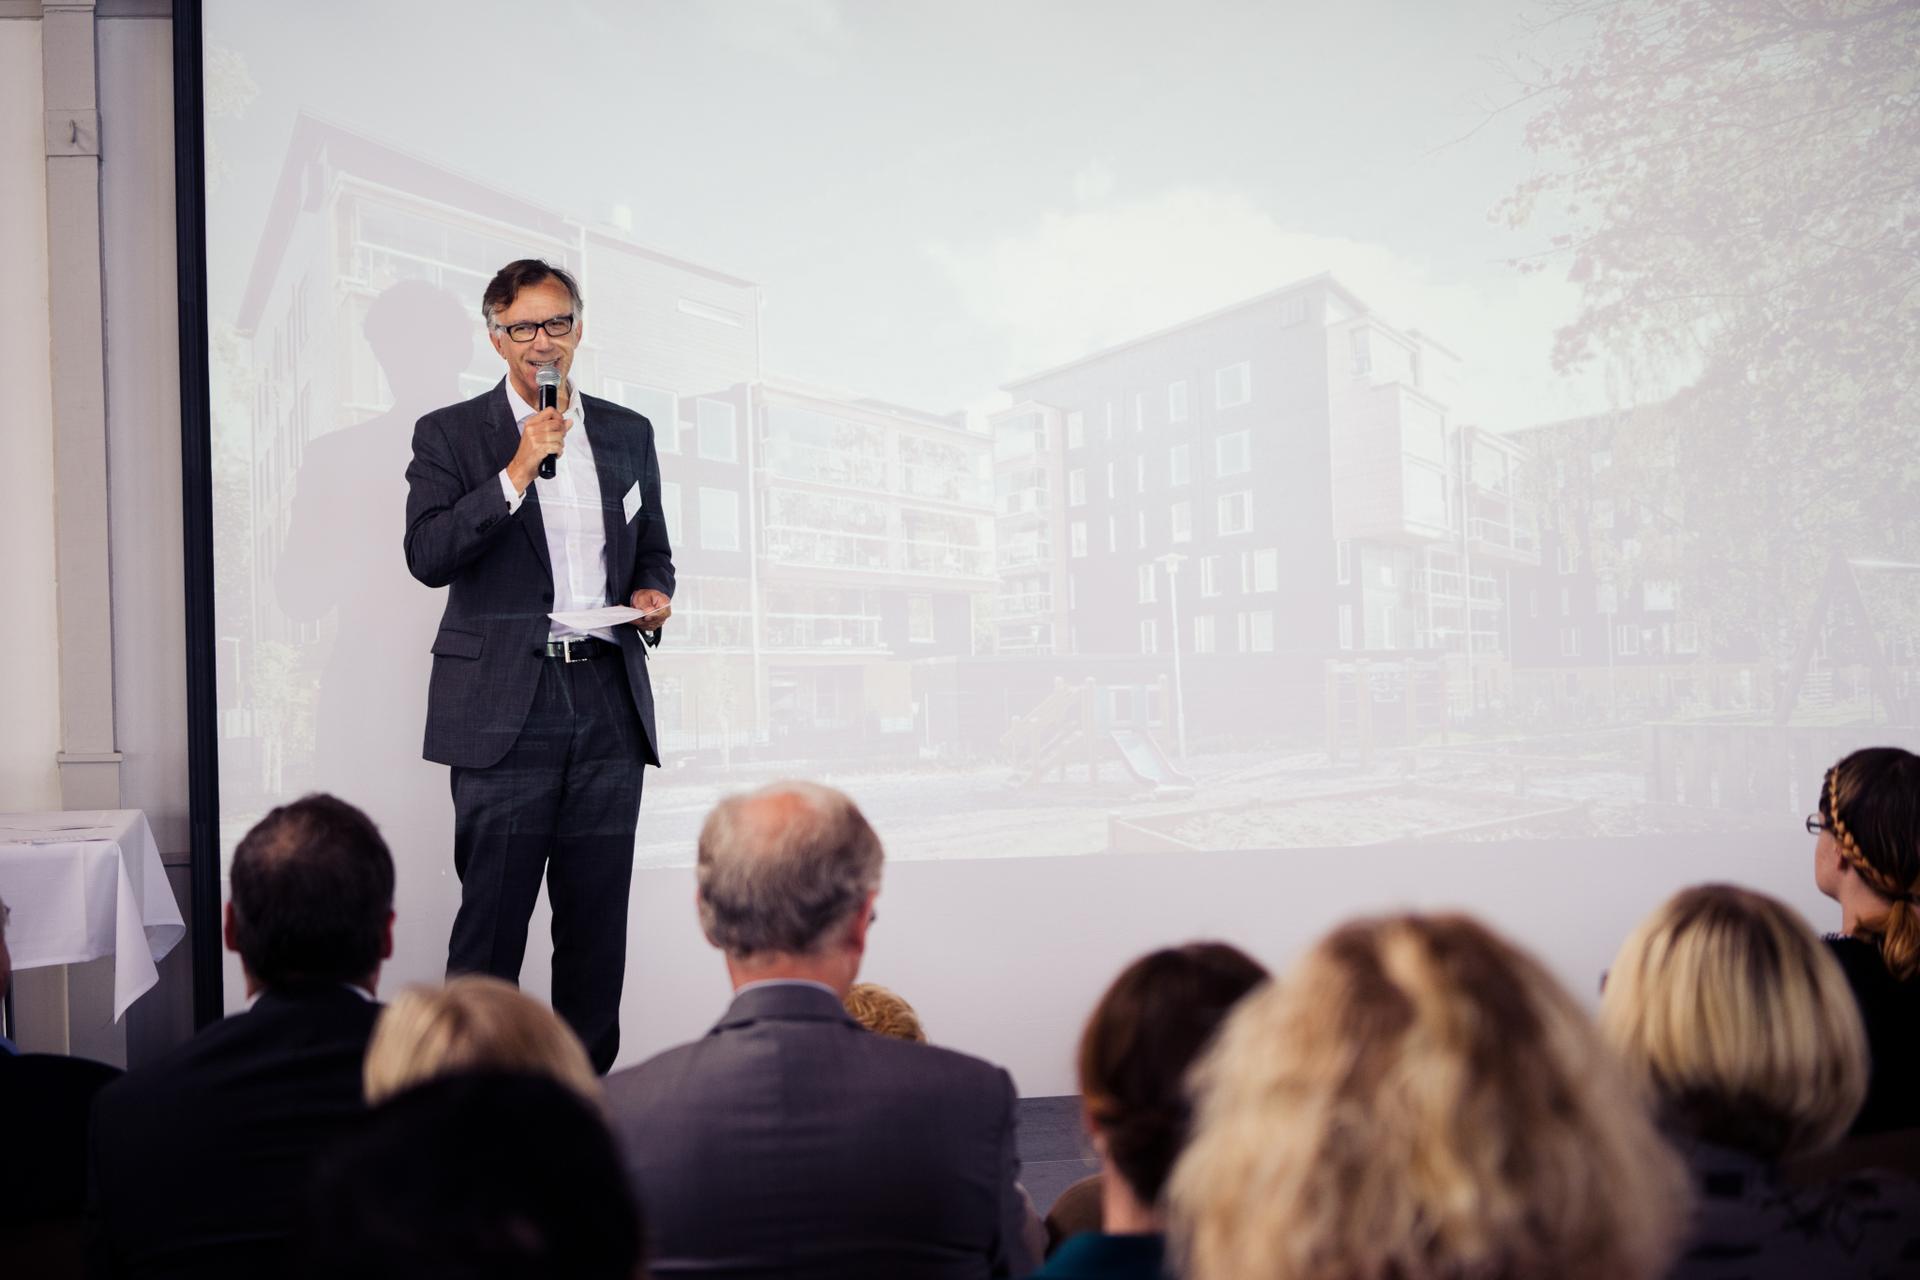 Stora Enson Suomen maajohtaja Seppo Parvi puhumassa Club Itämeri -yleisölle.